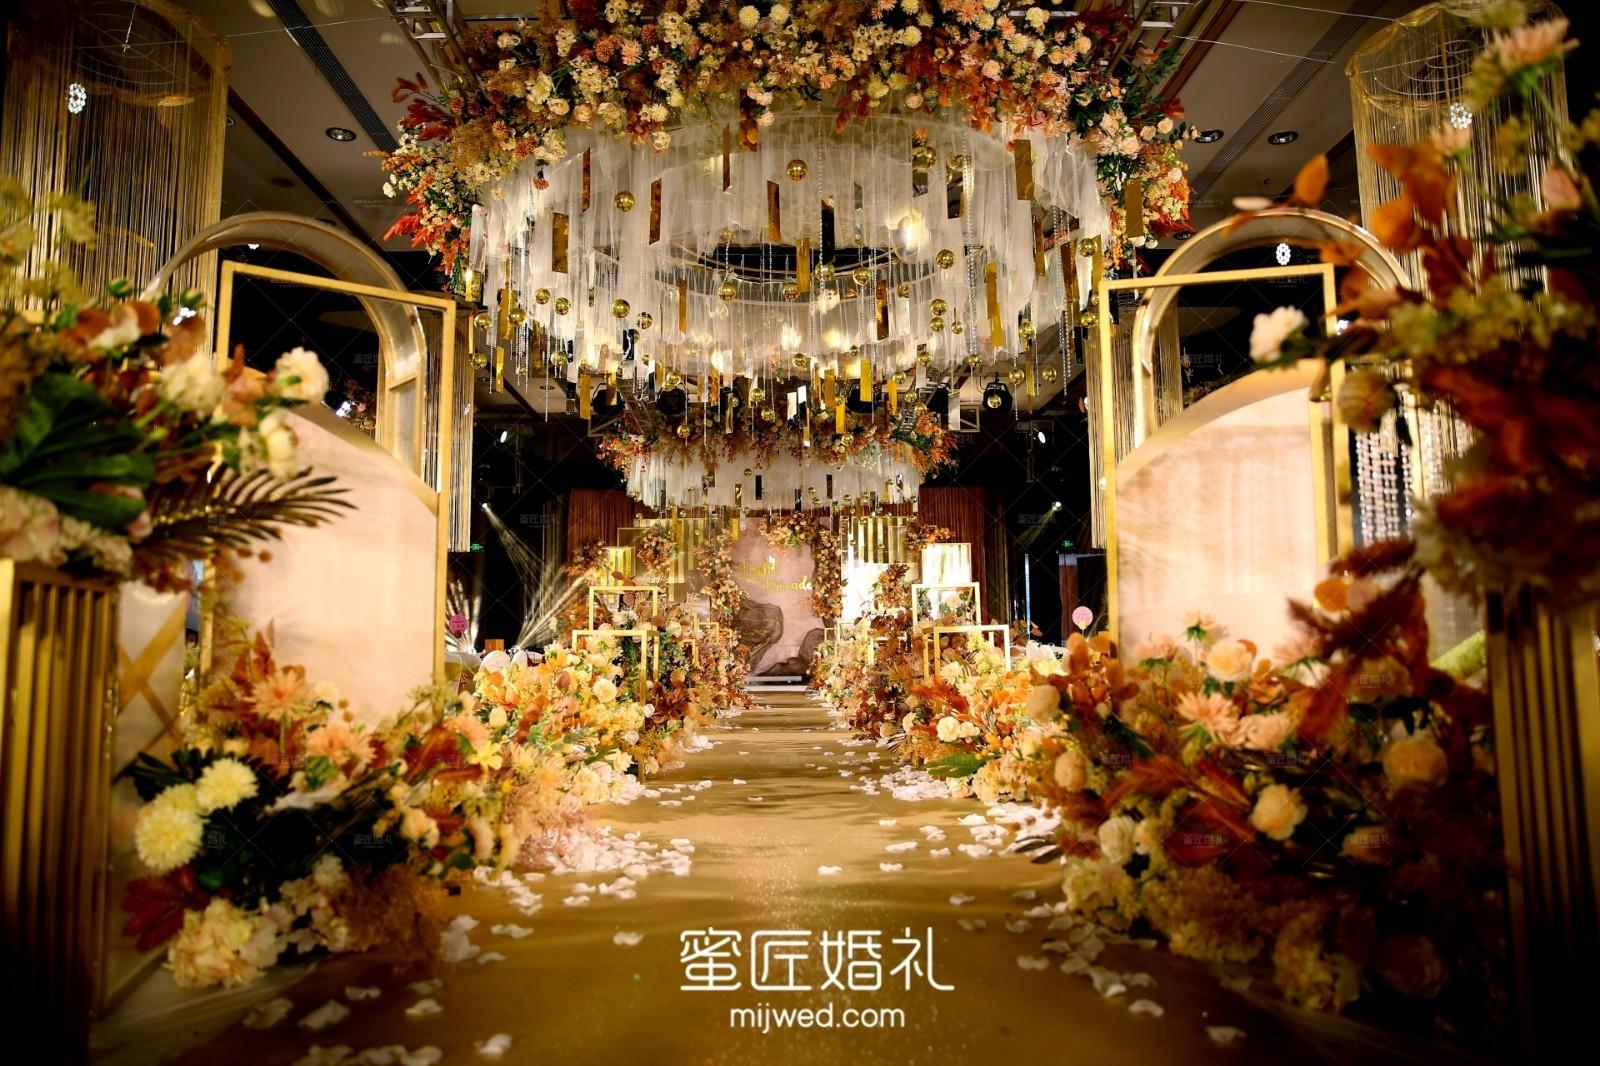 婚礼签到台是否有必要 设置婚礼签到台的作用